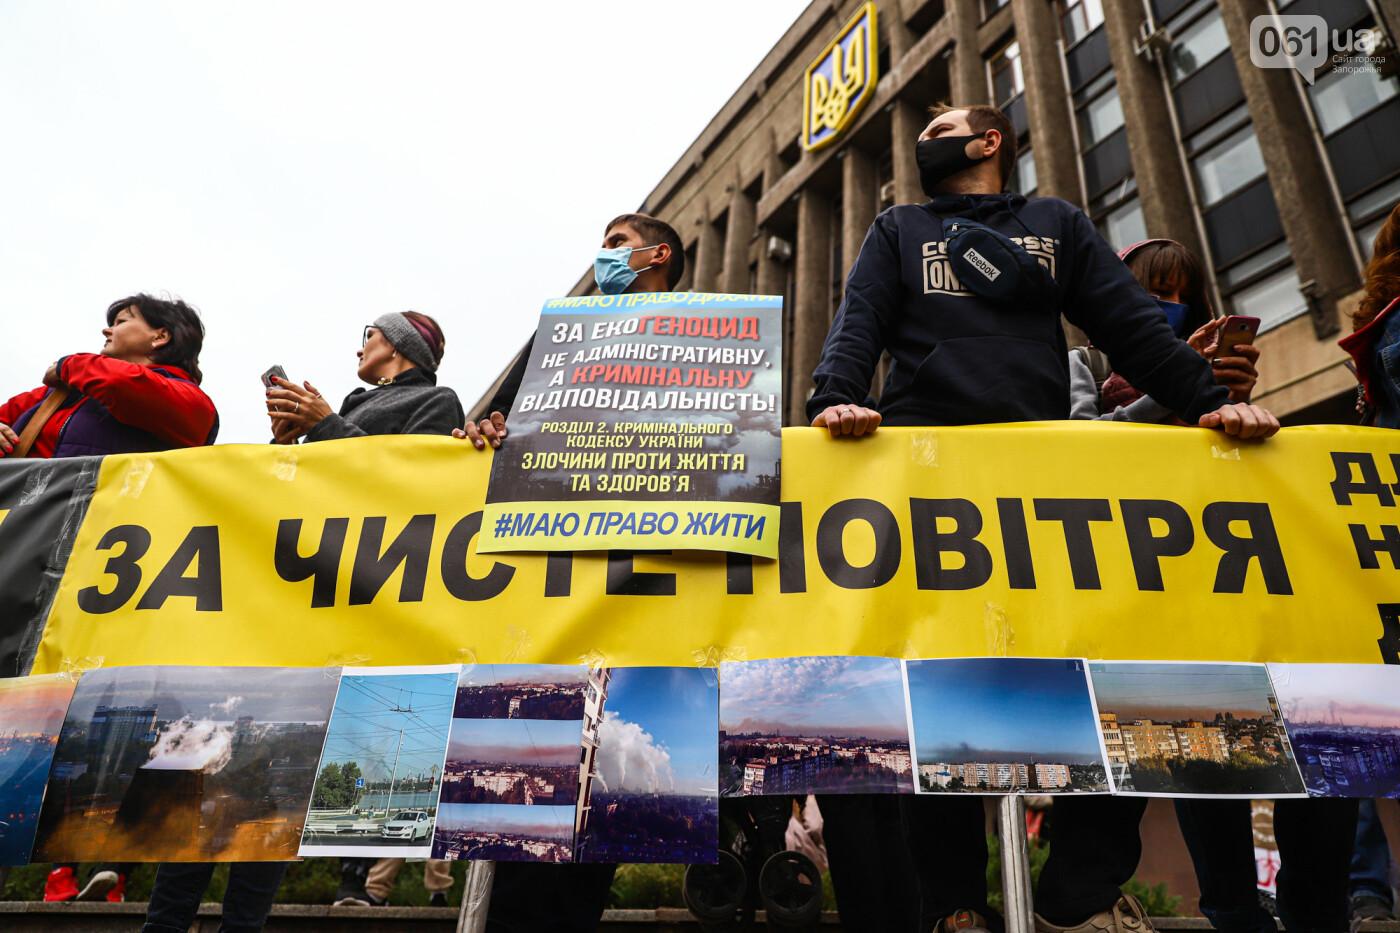 Маю право дихати: тысячи запорожцев вышли на экологический митинг, ФОТО, ВИДЕО, фото-20